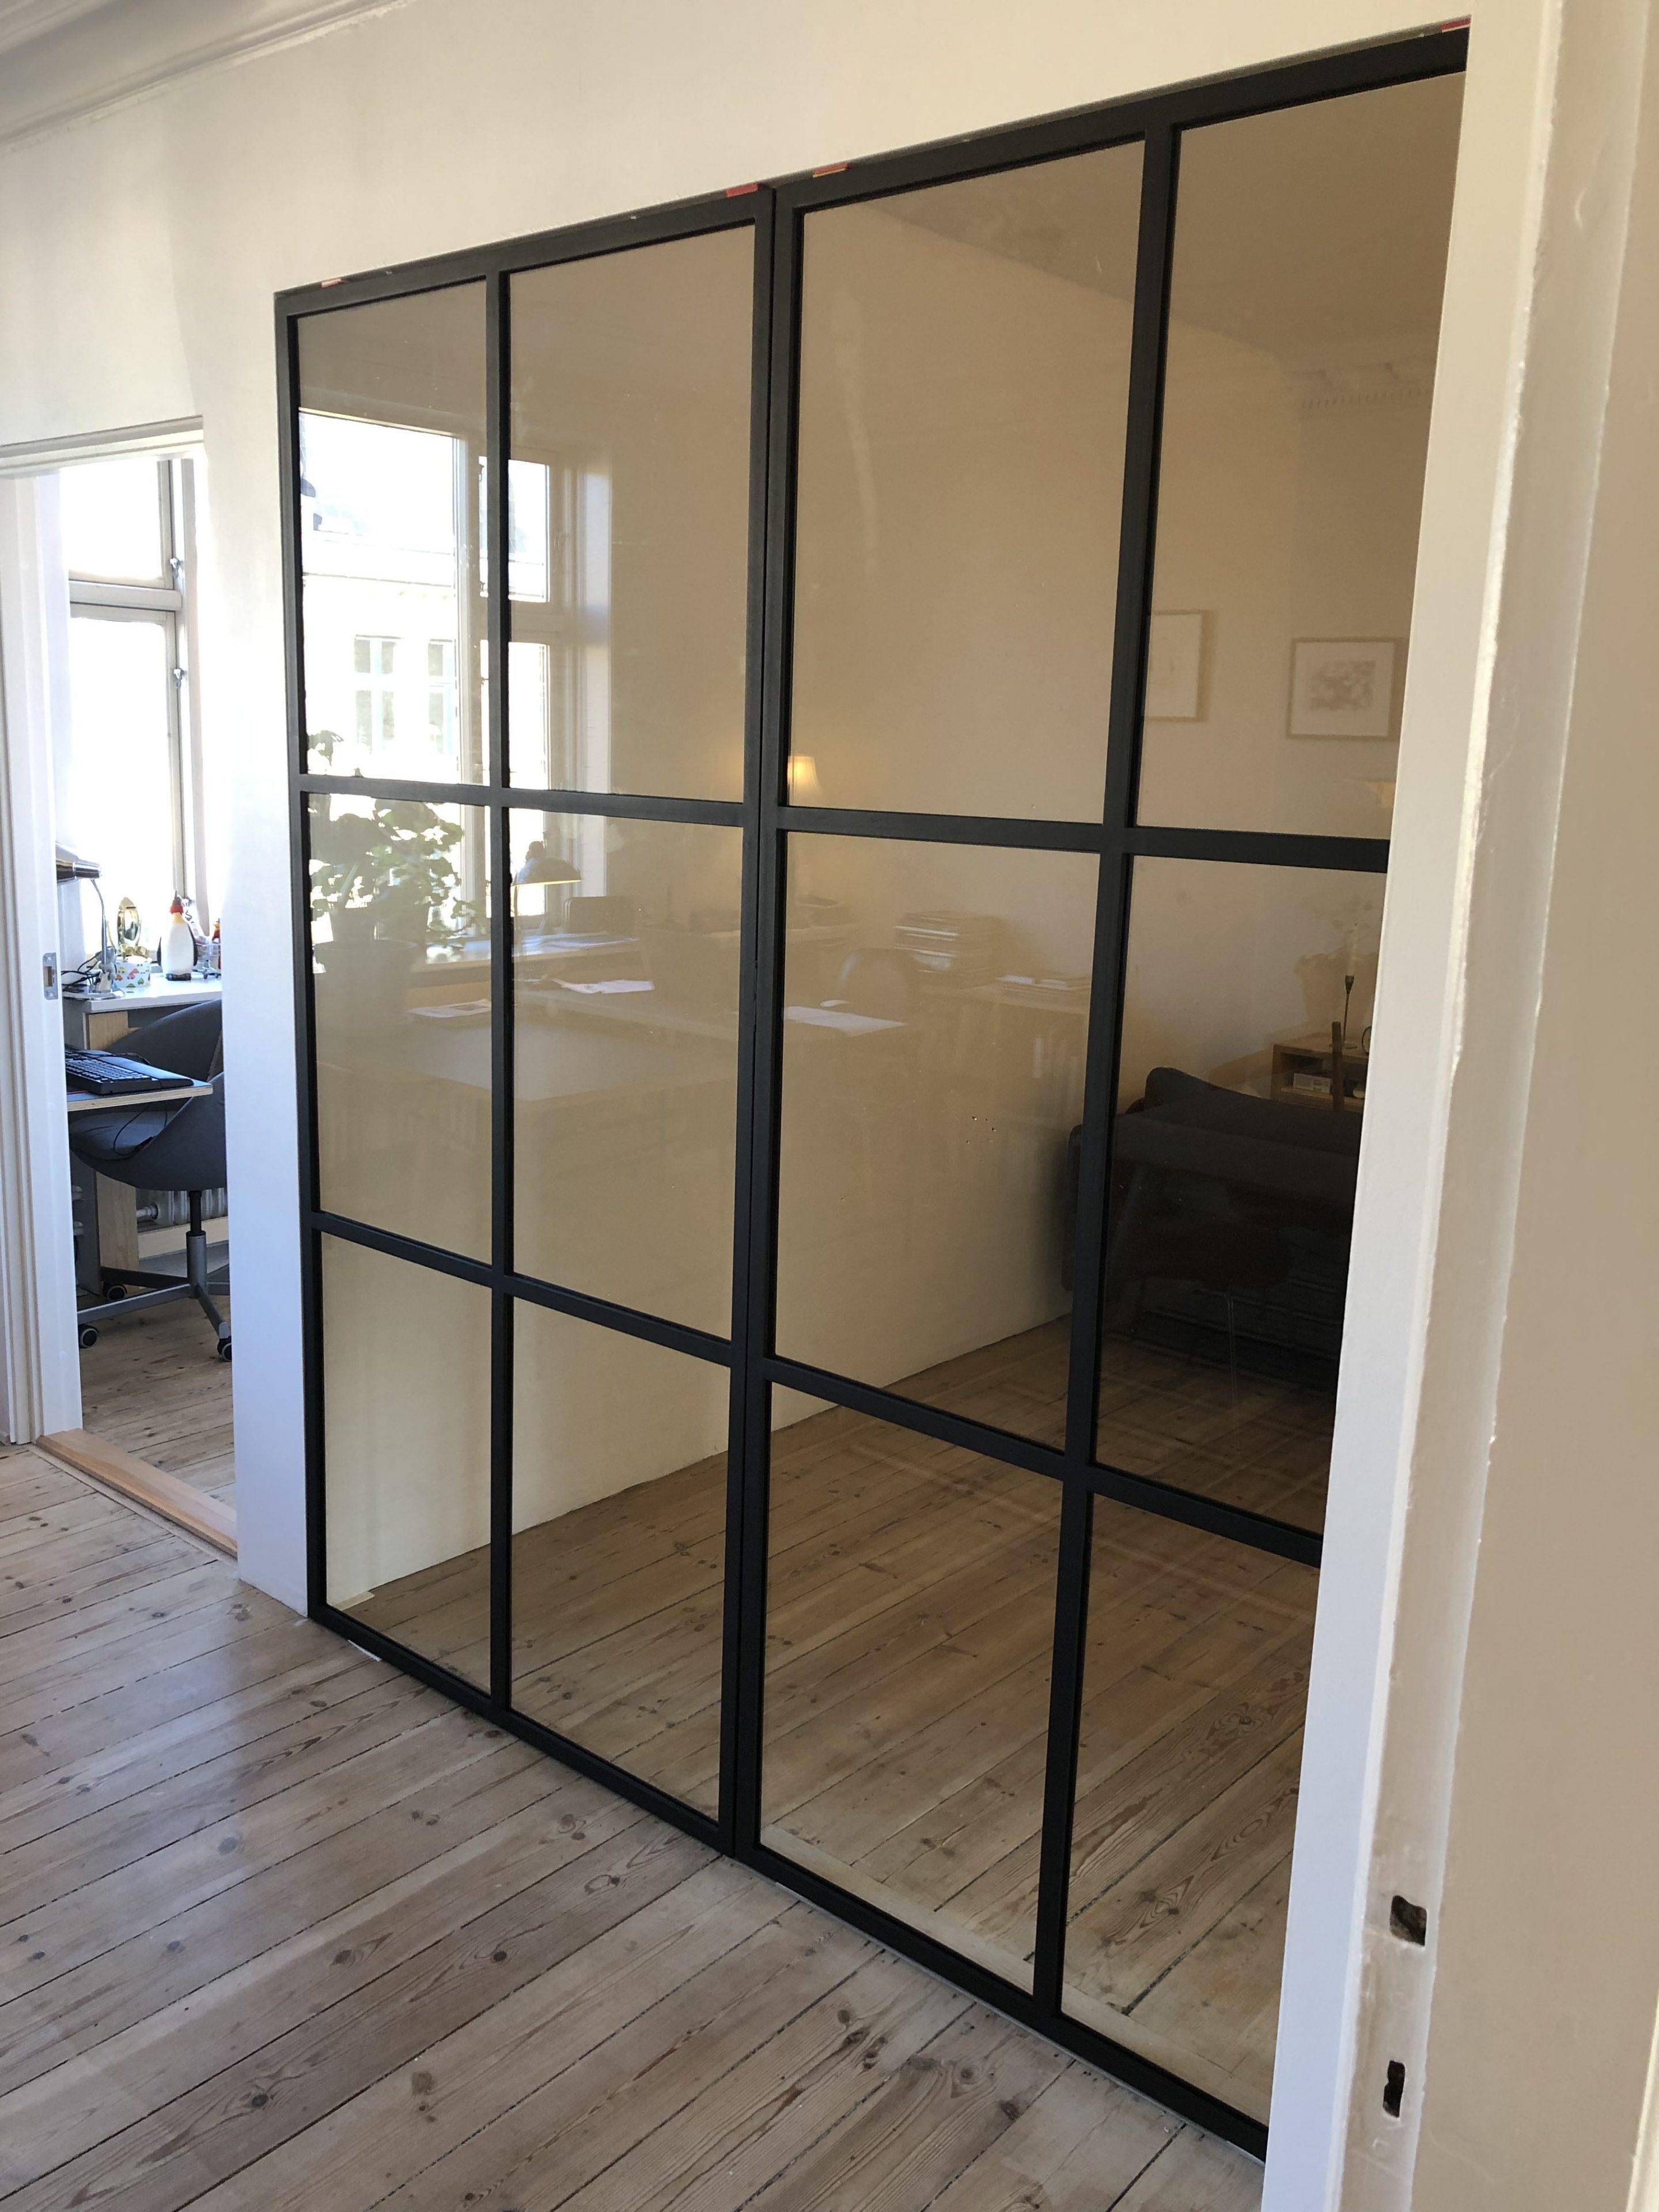 glasvæg stue-glasvaeg-new yorker væg-glasvæg pris